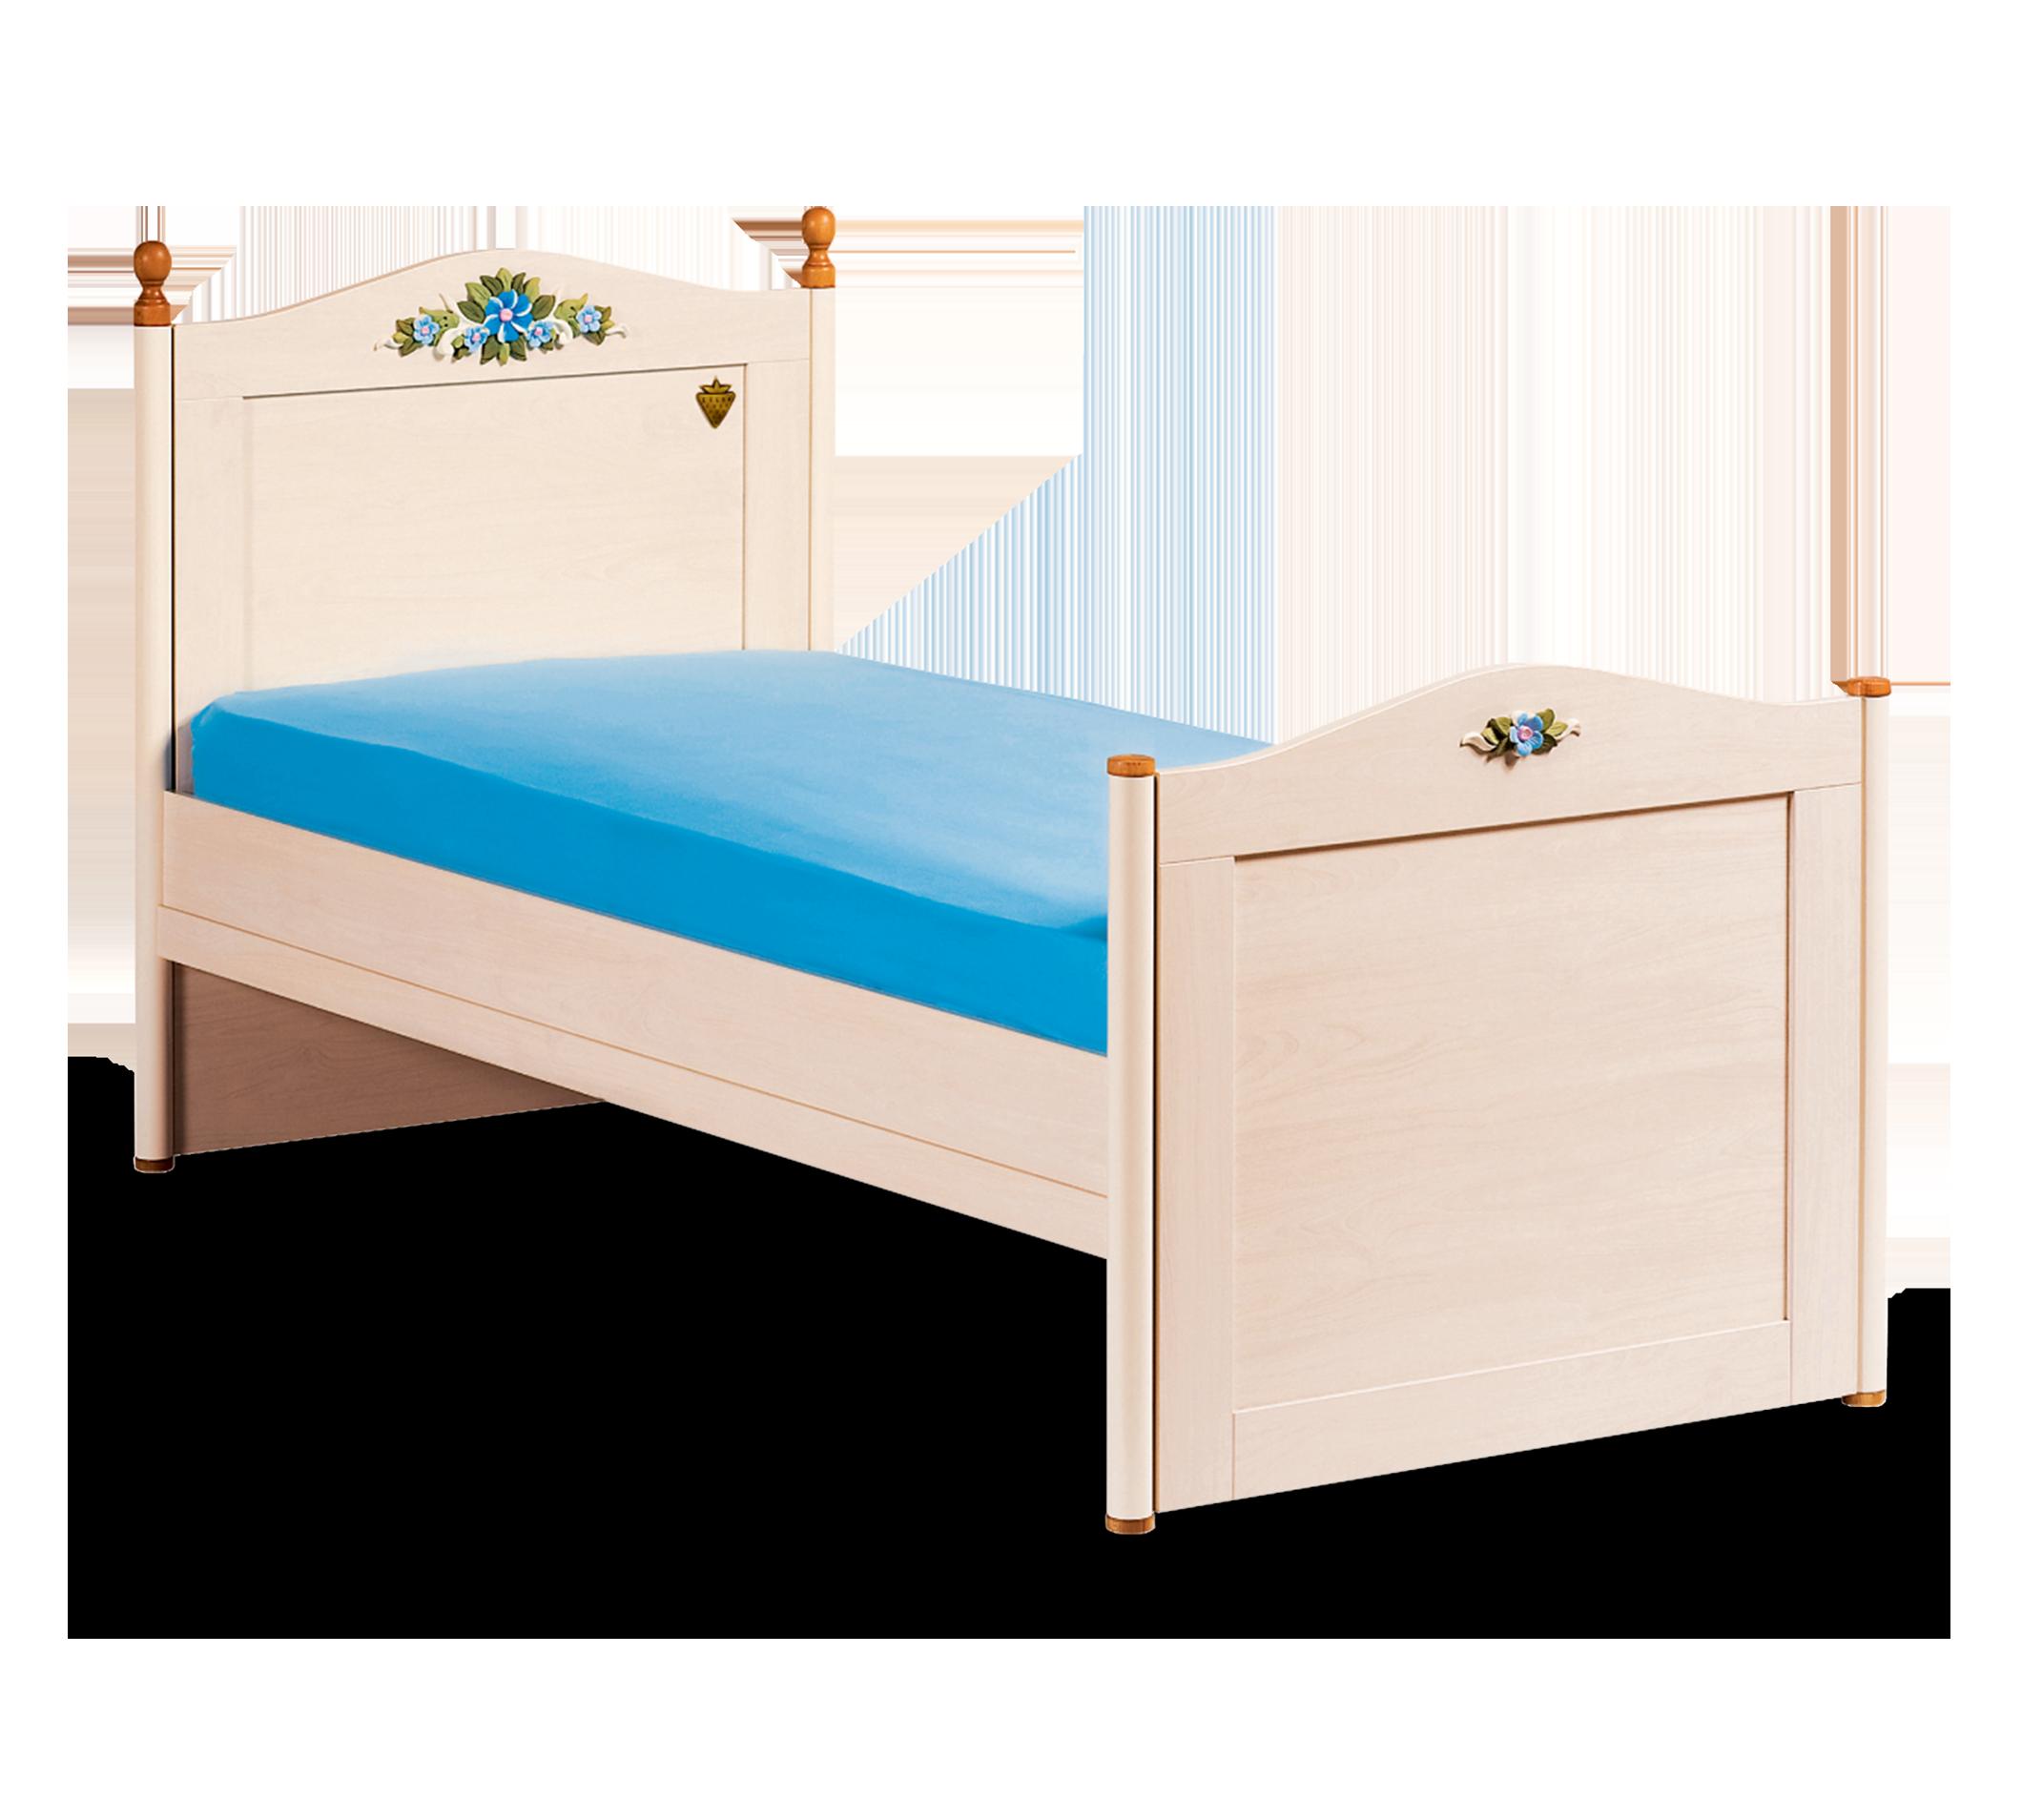 Full Size of Kinderbett 120x200 Cilek Flora Bett Weiß Mit Matratze Und Lattenrost Bettkasten Betten Wohnzimmer Kinderbett 120x200